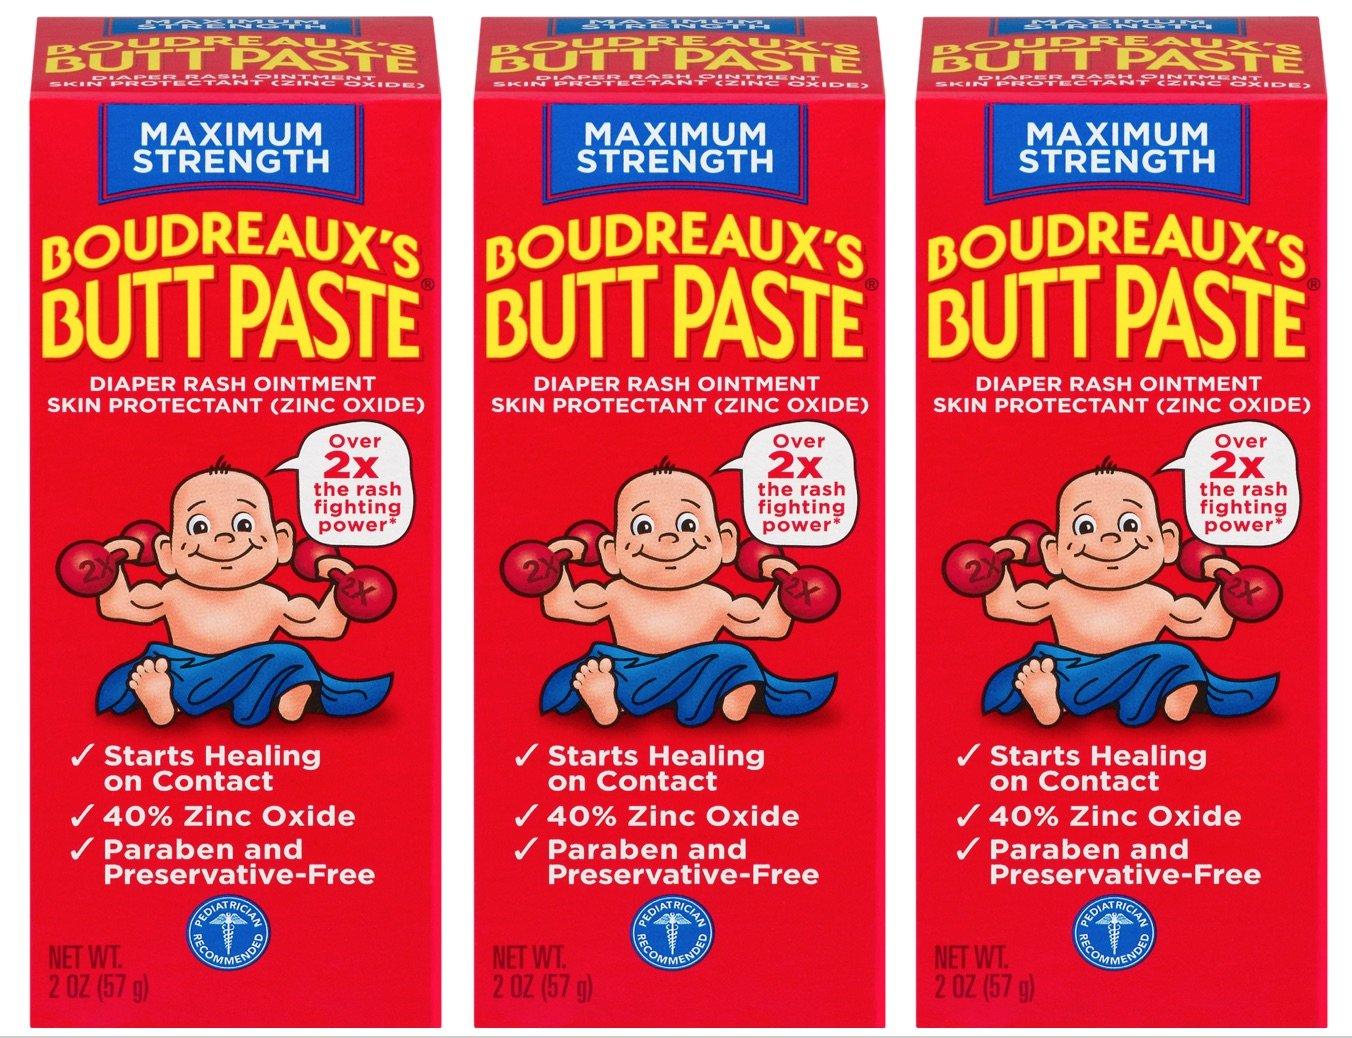 Boudreaux's Butt Paste Diaper Rash Ointment | Maximum Strength | 2 oz. Tube | Paraben & Preservative Free Fleet Laboratories B2302